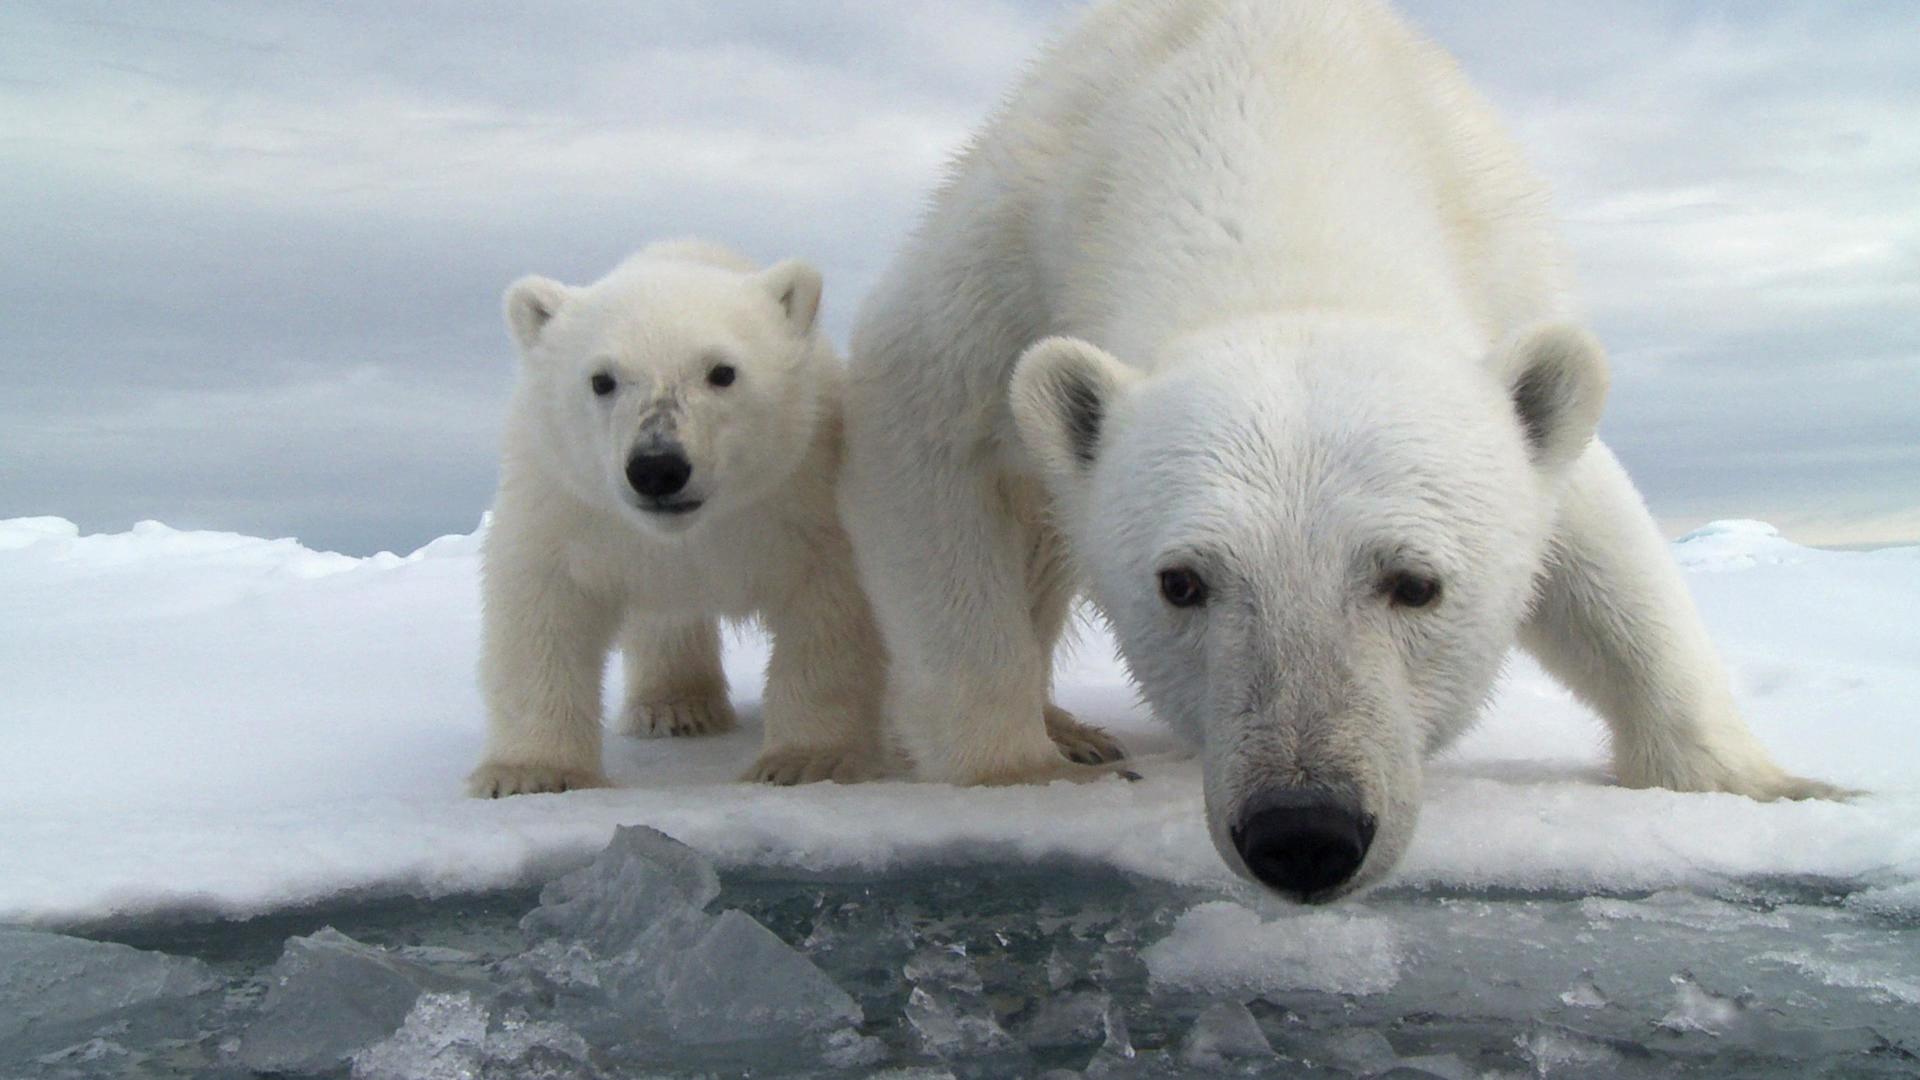 Baby Animal Polar Bear 1920x1080